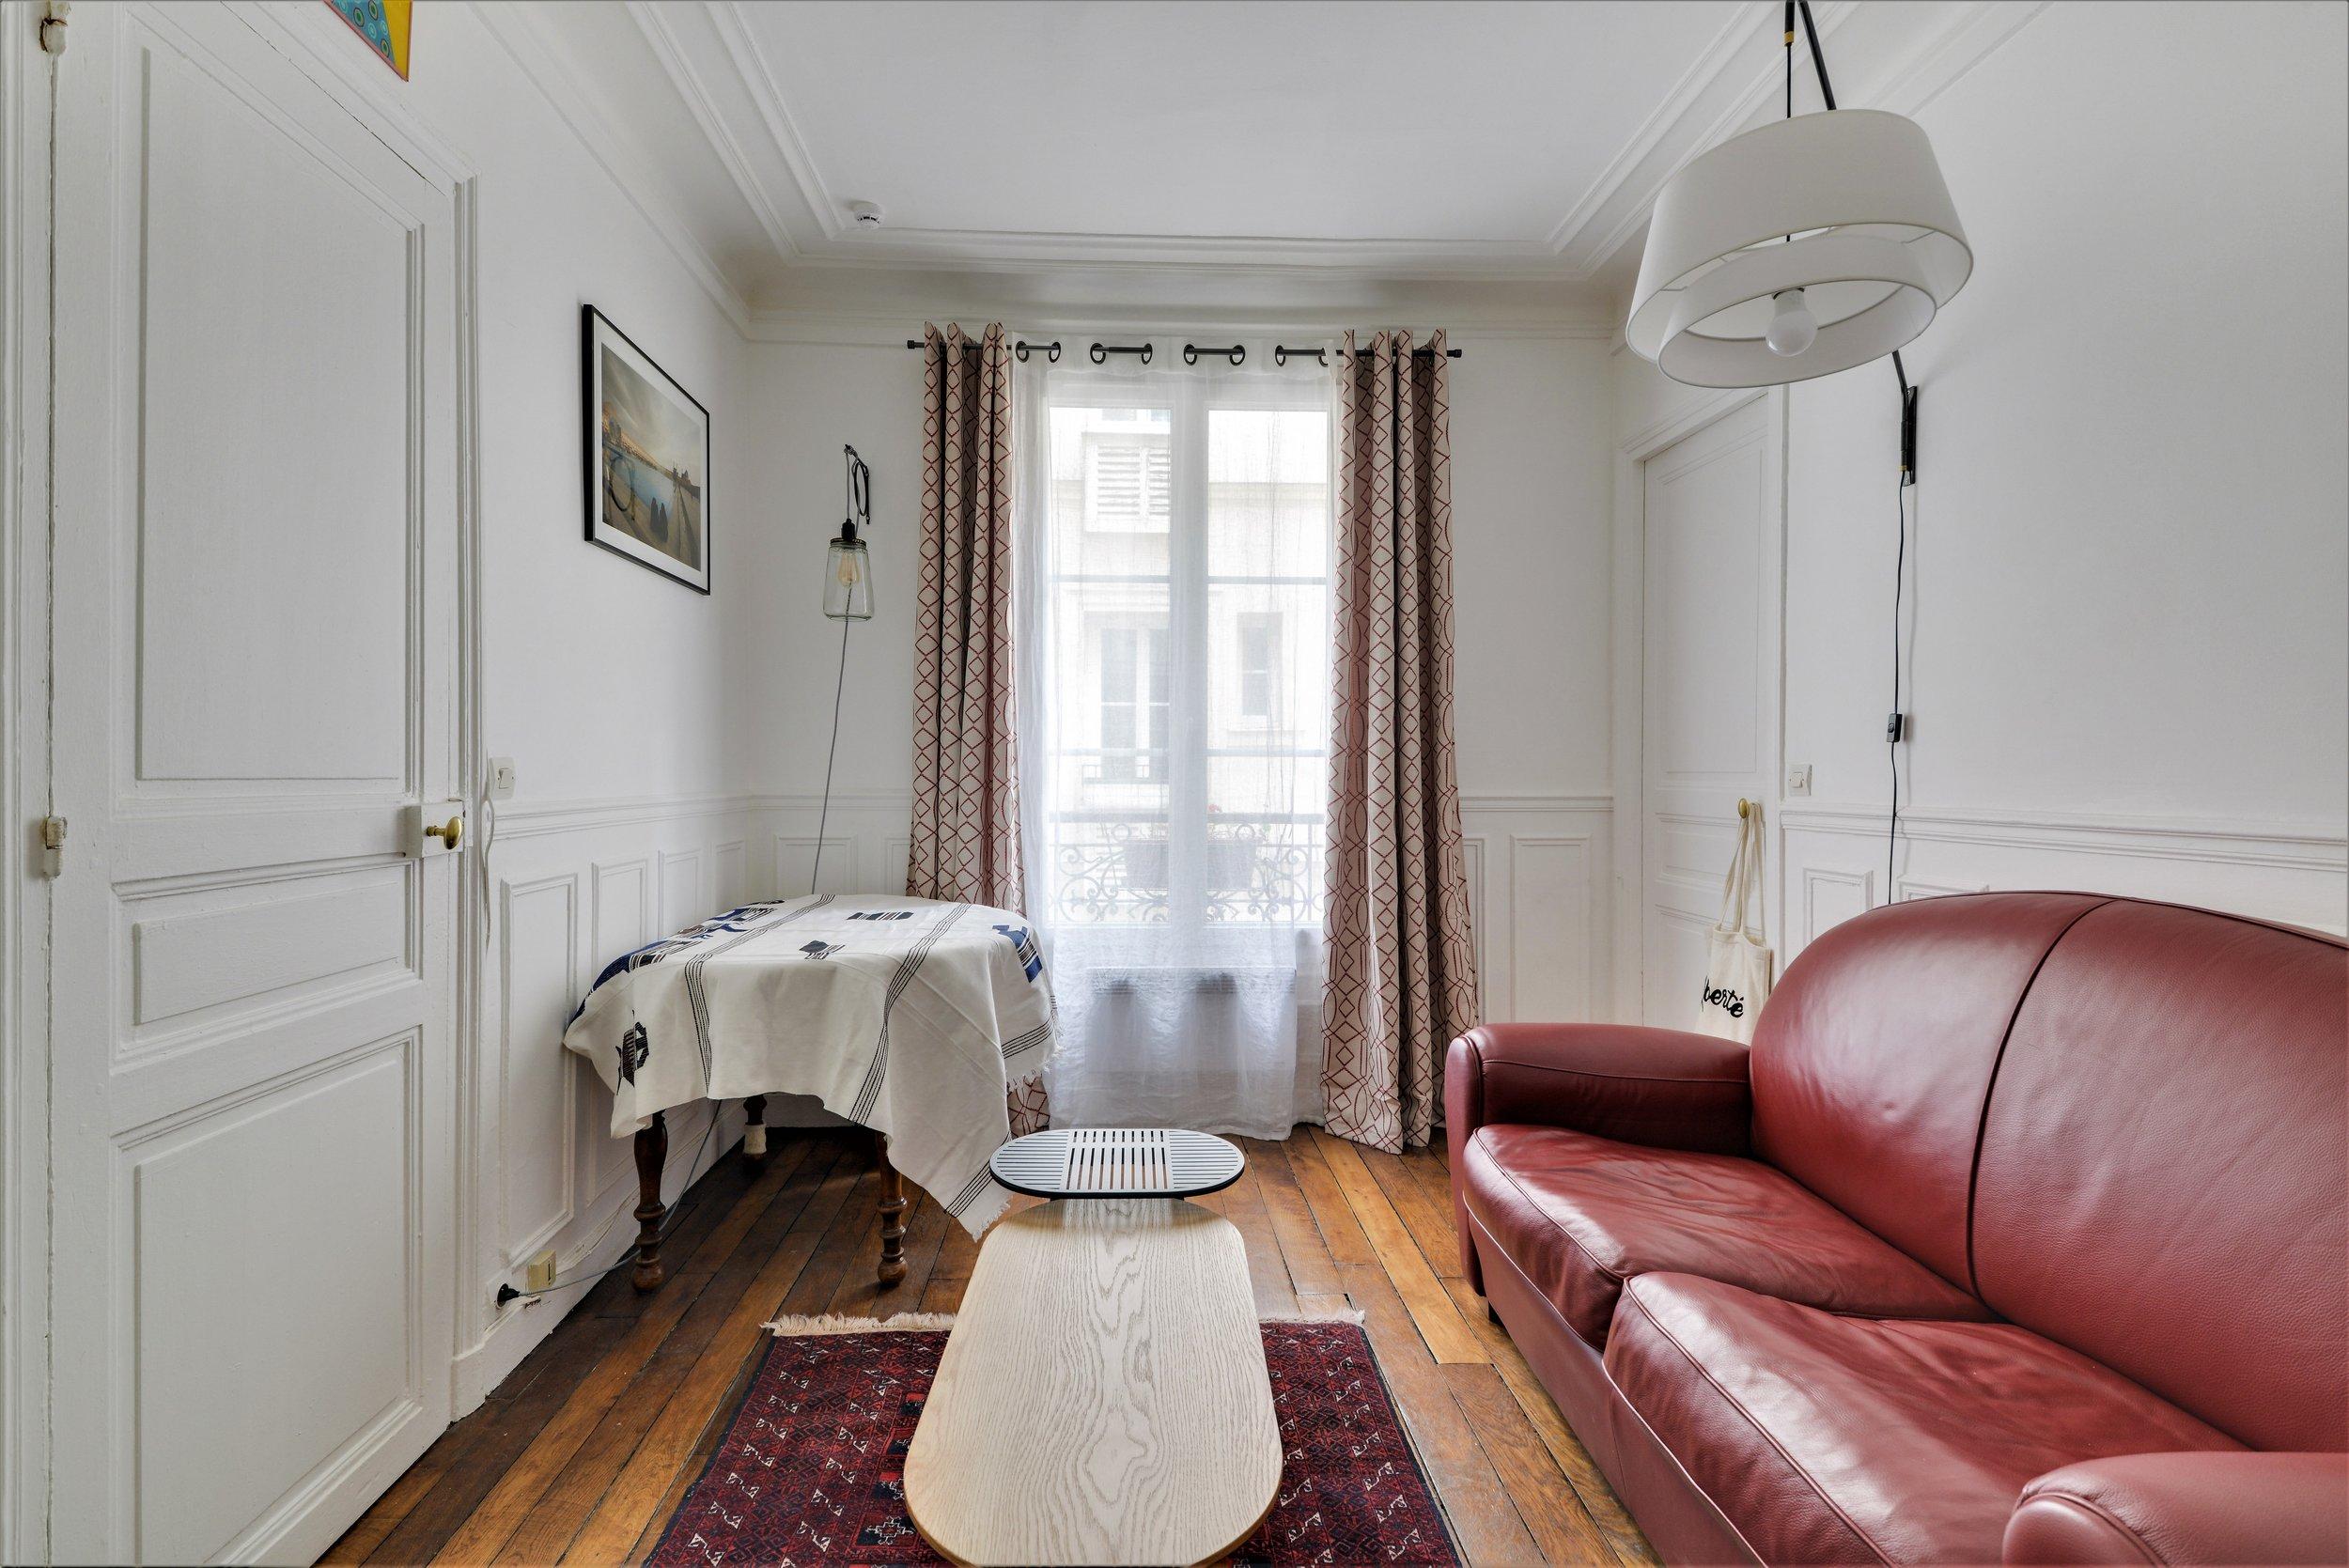 salon parquet canapé rouge rideaux décoration ethnique